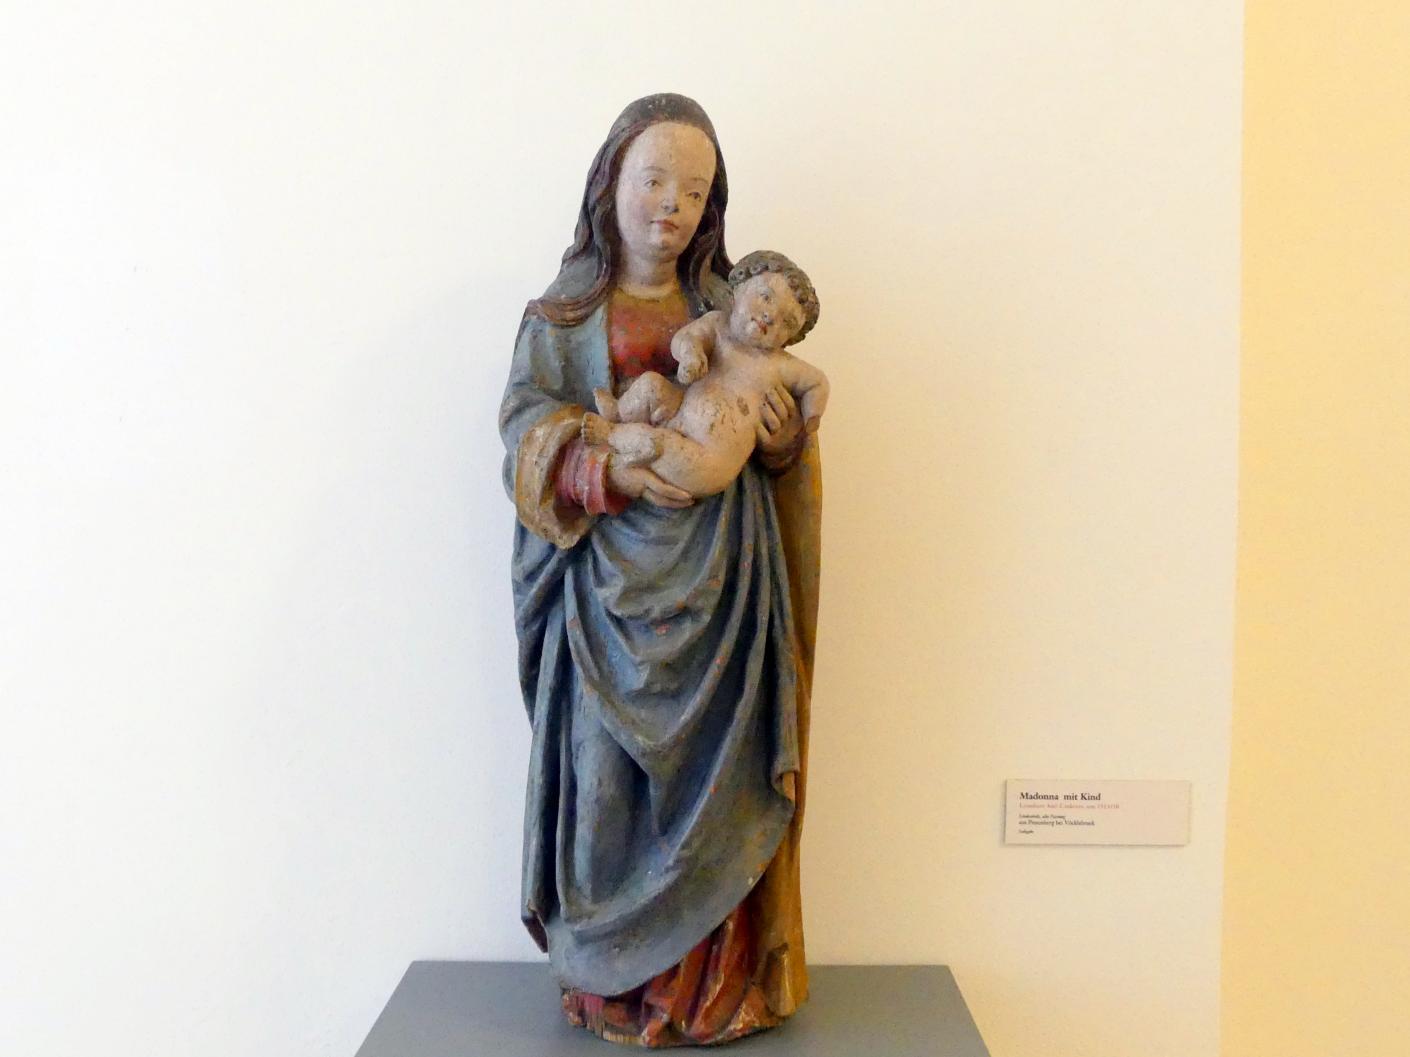 Lienhart Astl (Werkstatt): Madonna mit Kind, Um 1515 - 1520